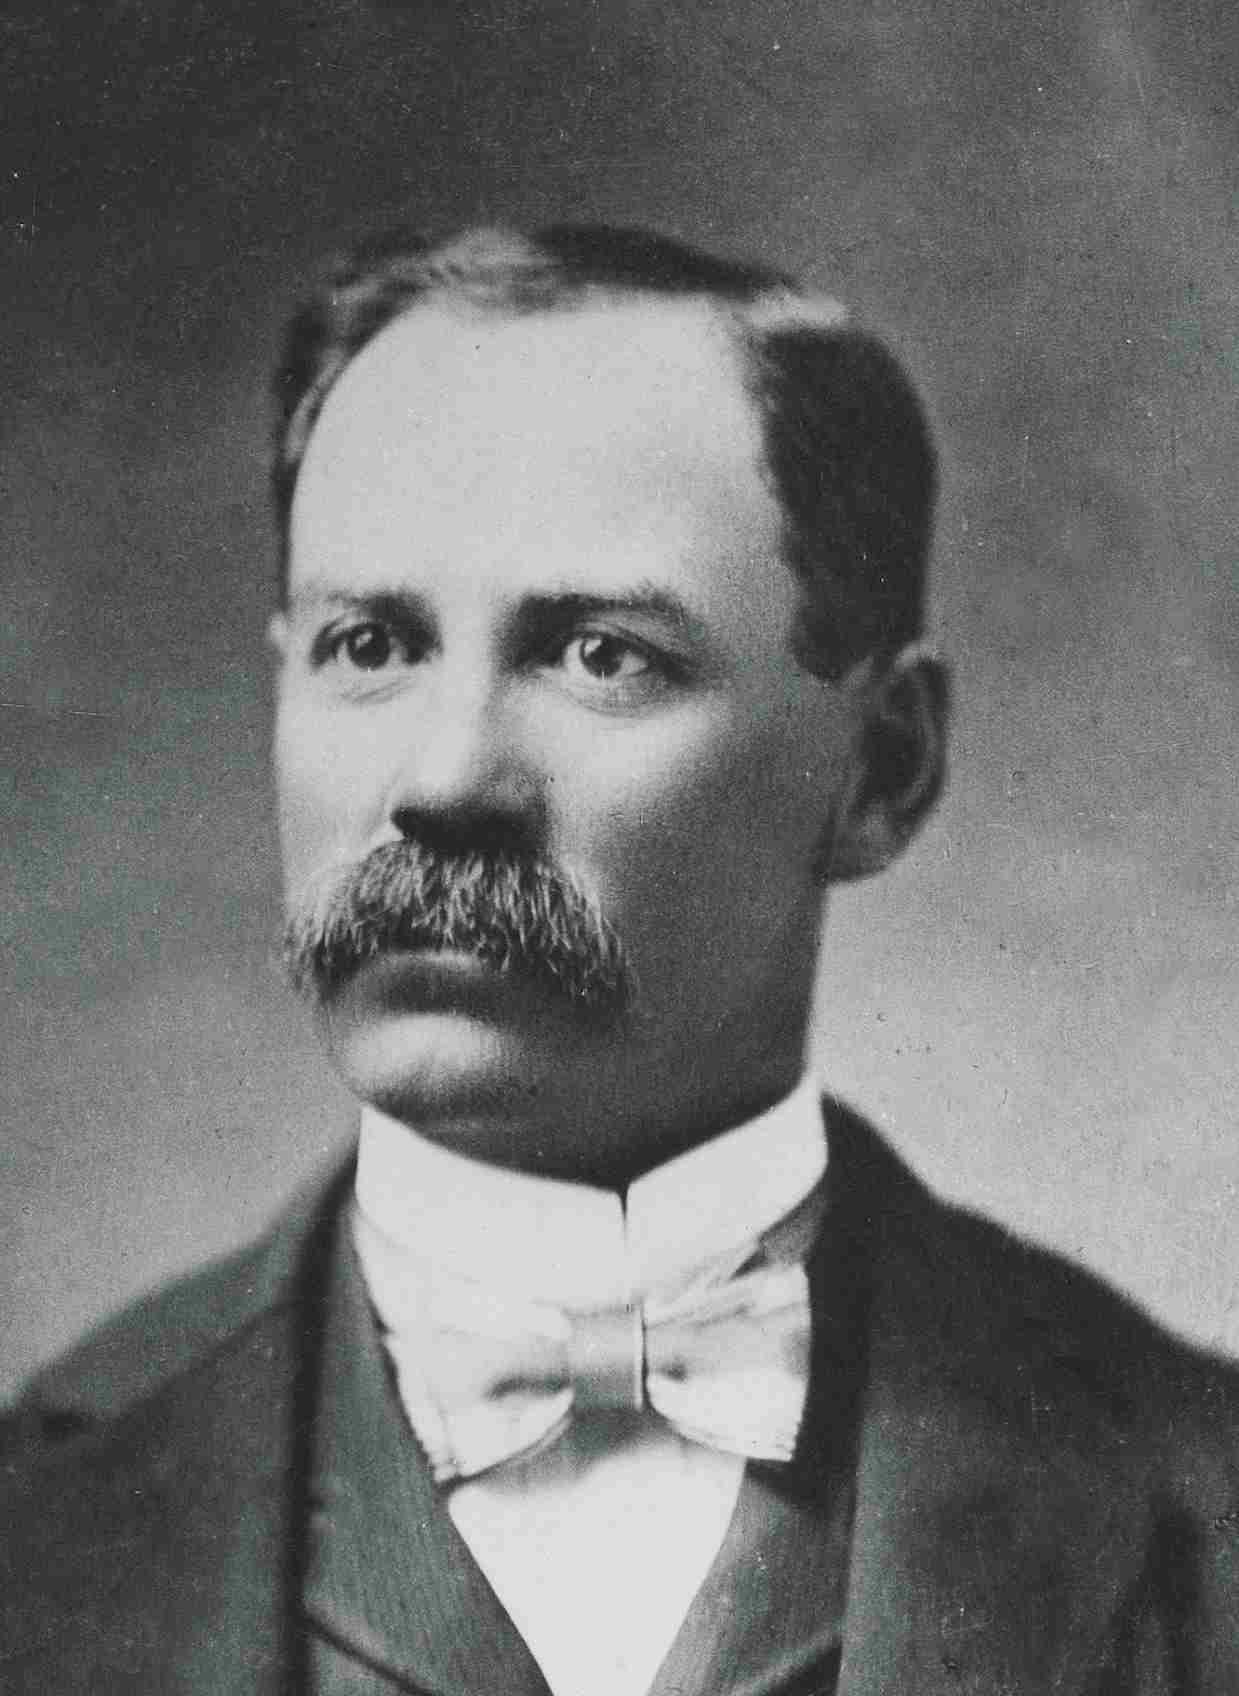 Dalrymple, Henry Harrison, Jr.